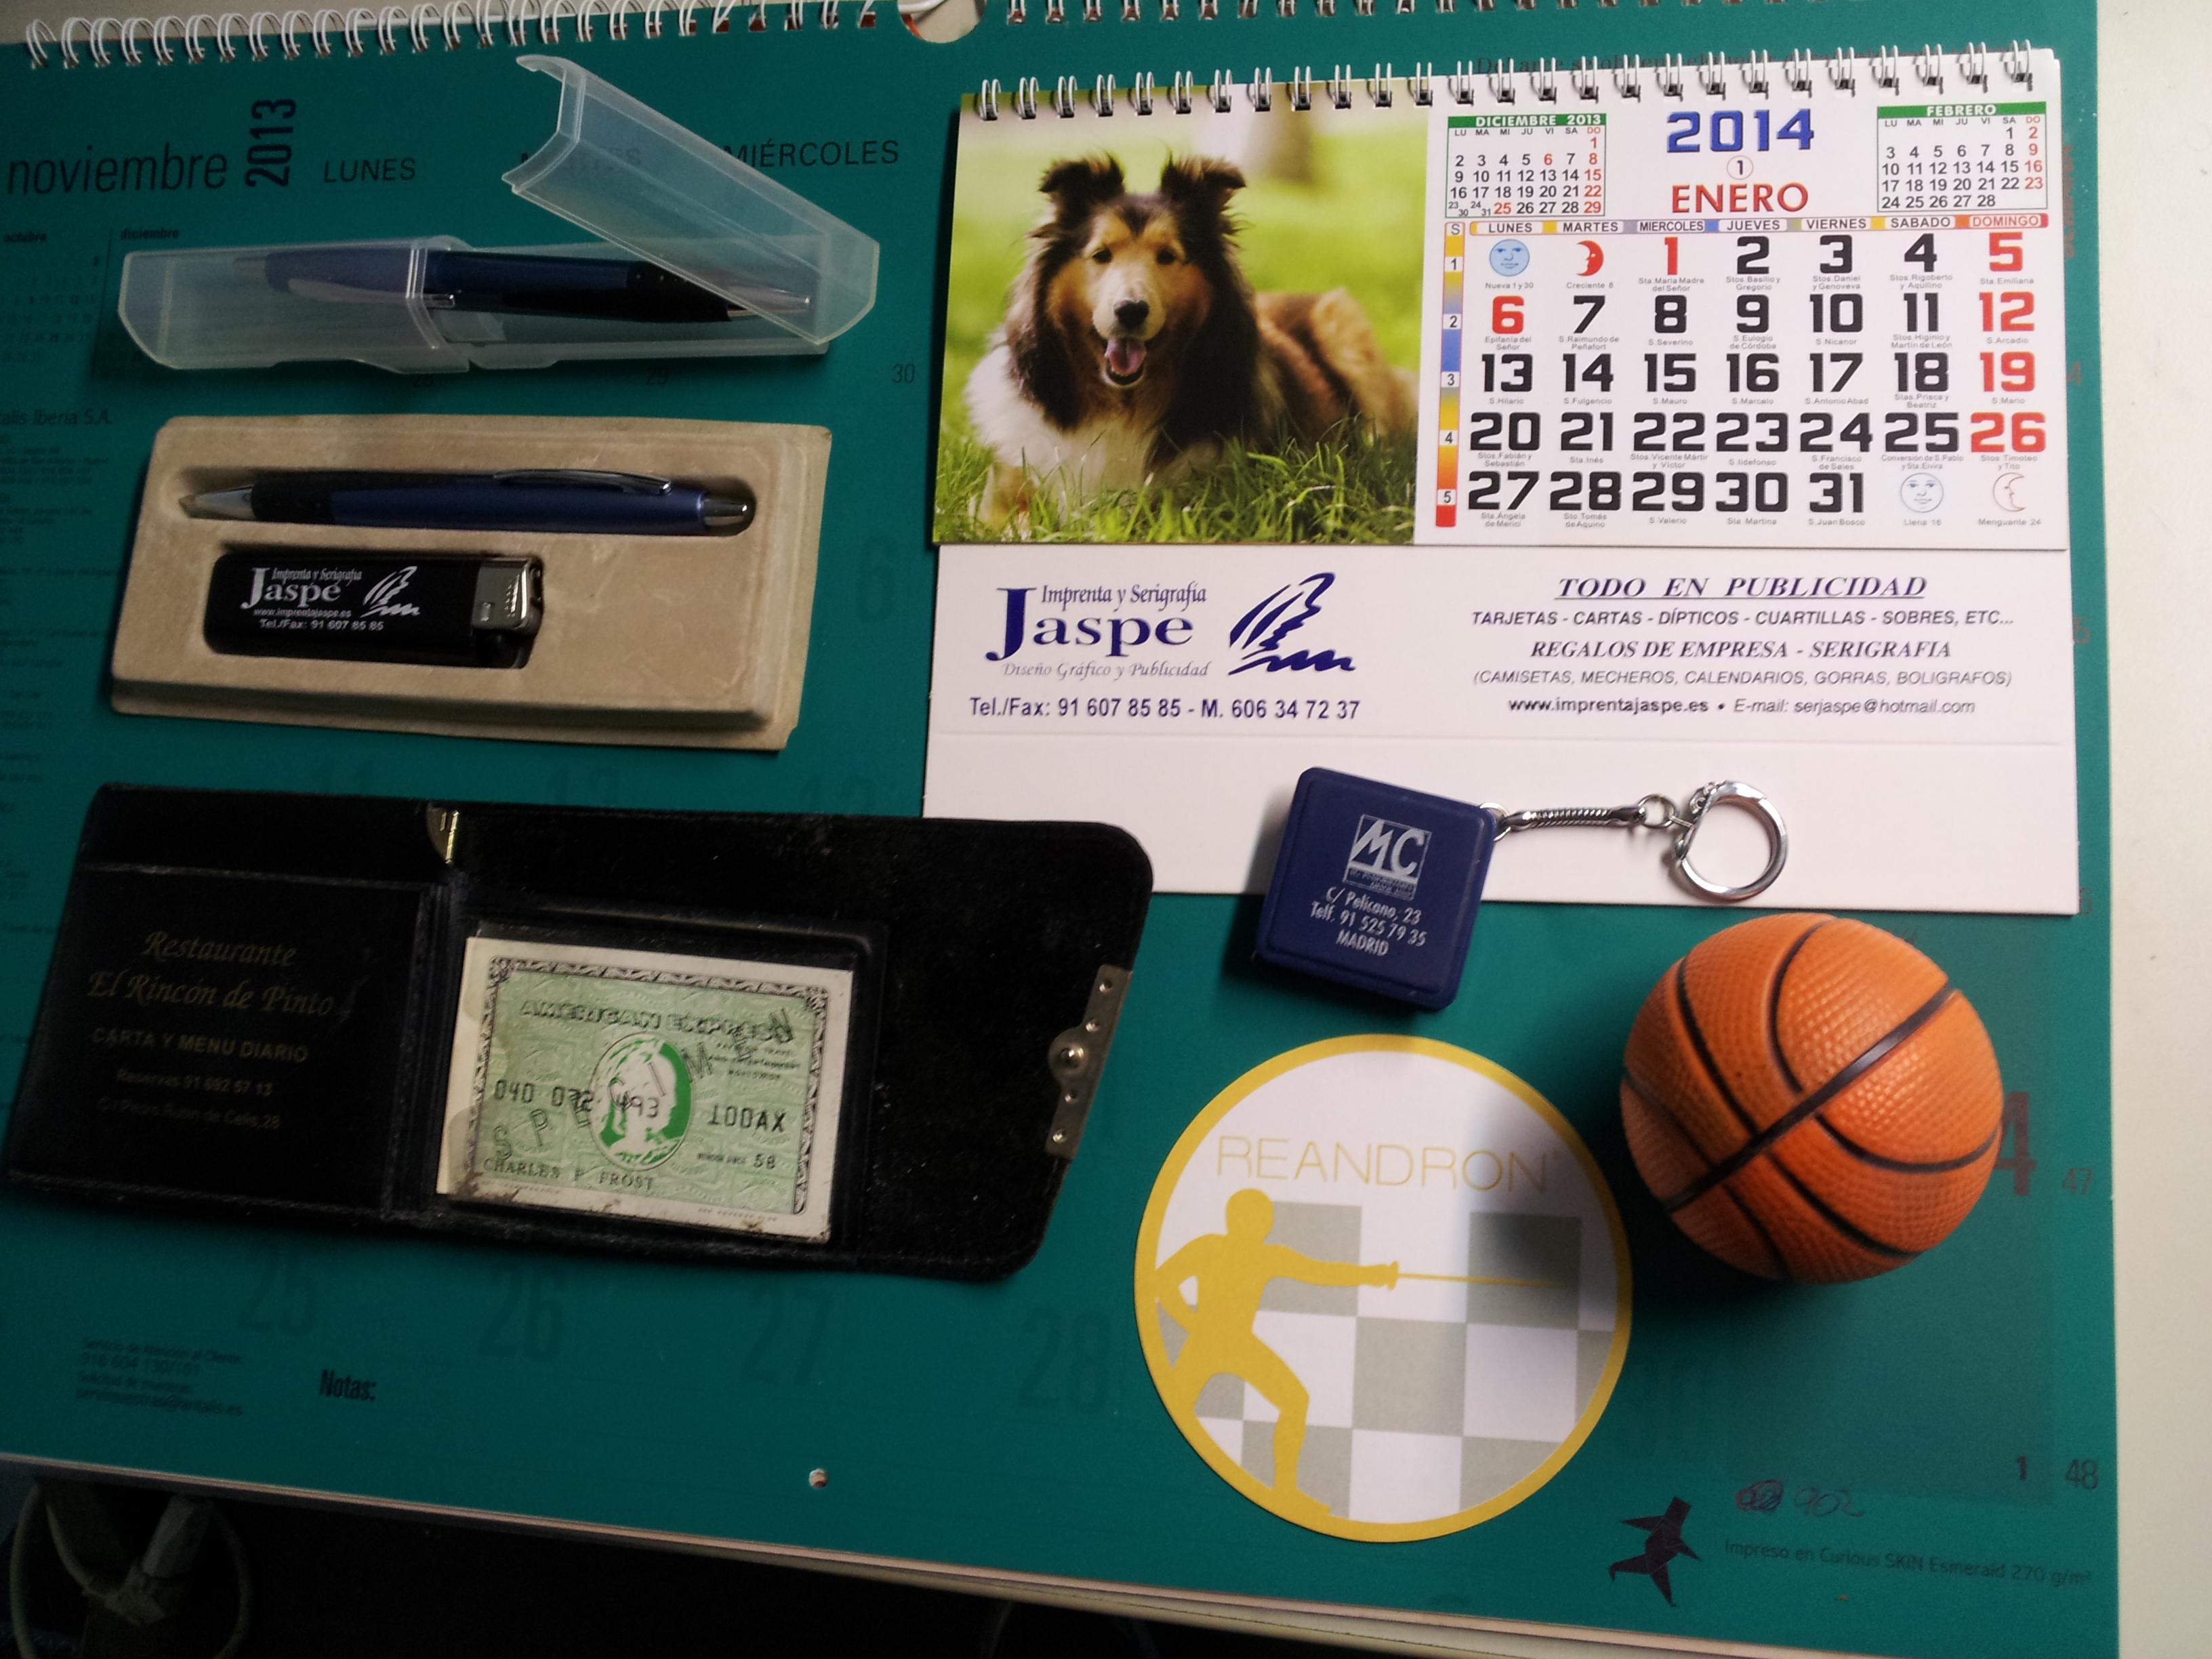 Serigrafía, adhesivos vinilo, regalos de empresa y publicidad: Catálogo de Imprenta Jaspe